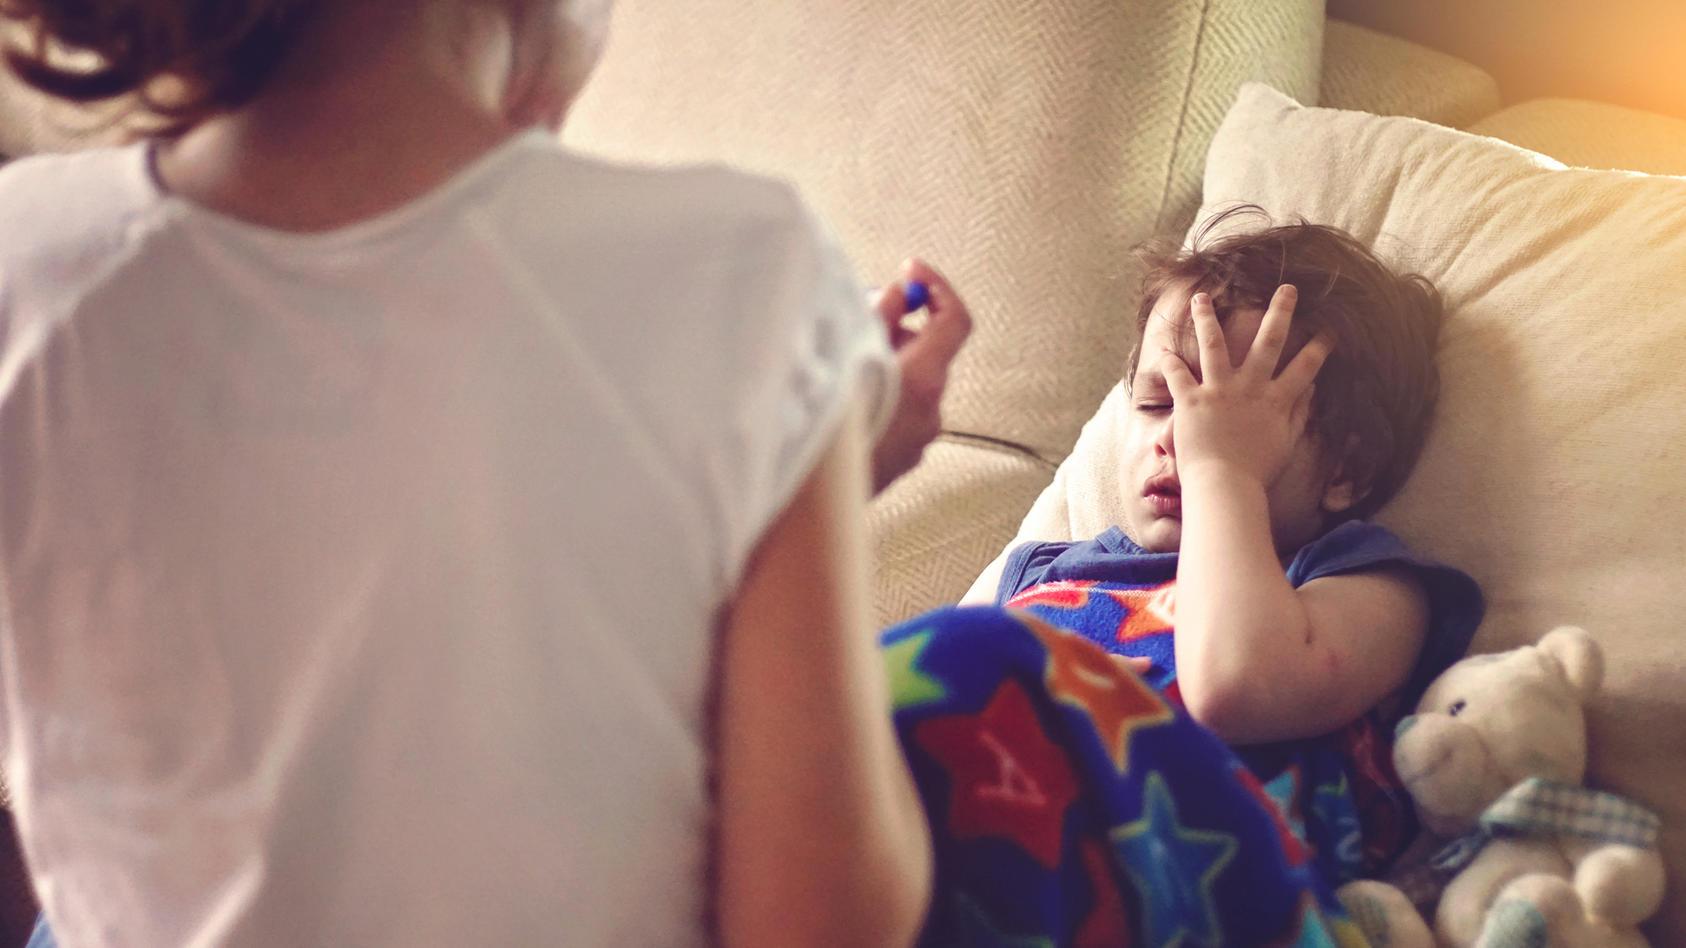 Schützen Sie sich vor den Krankheitserregern hres Kindes..